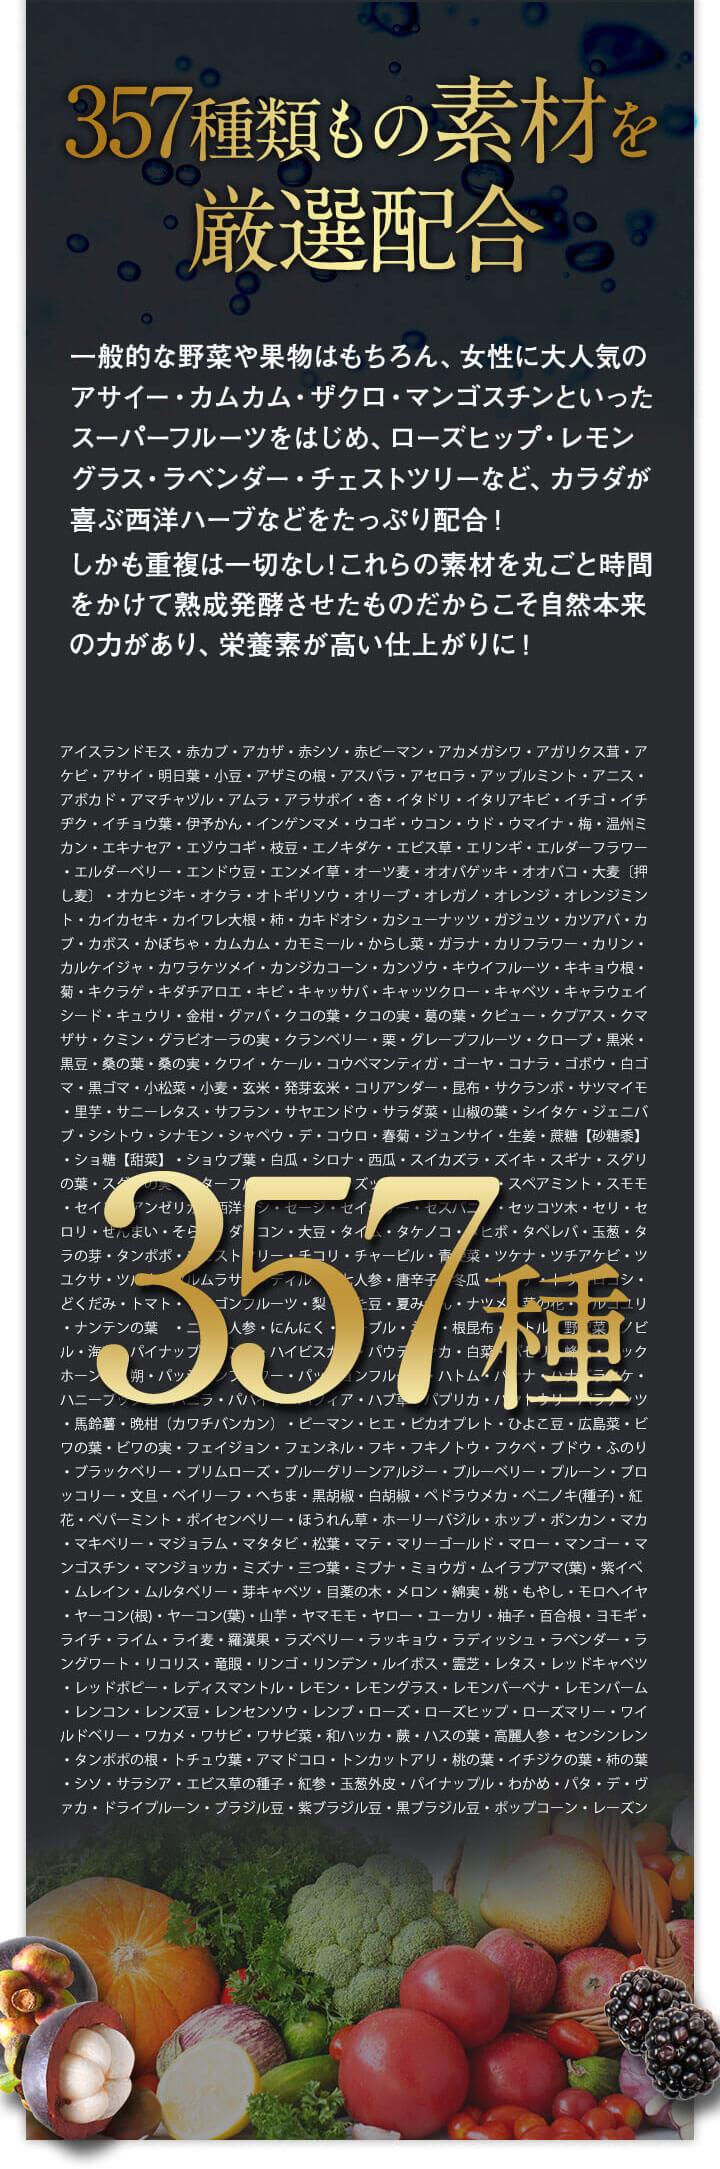 357種類もの素材を厳選配合